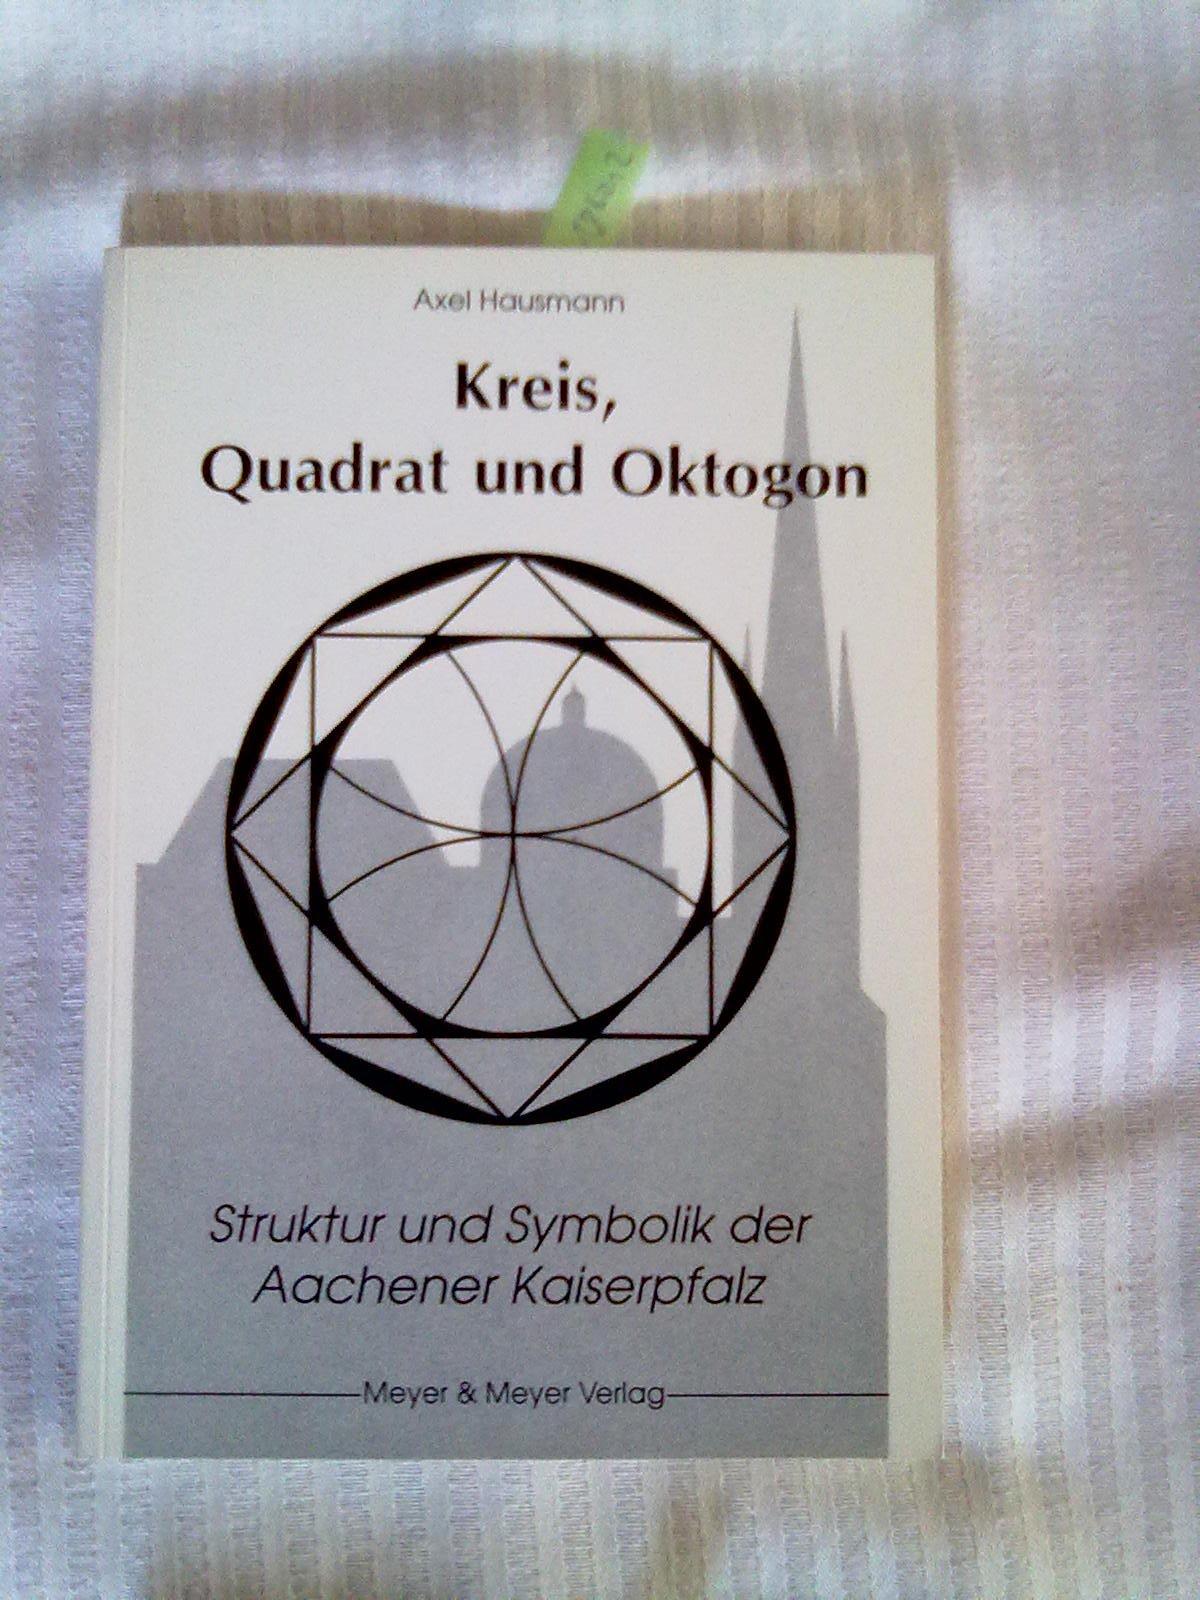 Kreis, Quadrat und Oktogon. Struktur und Symbolik der Aachener Kaiserpfalz